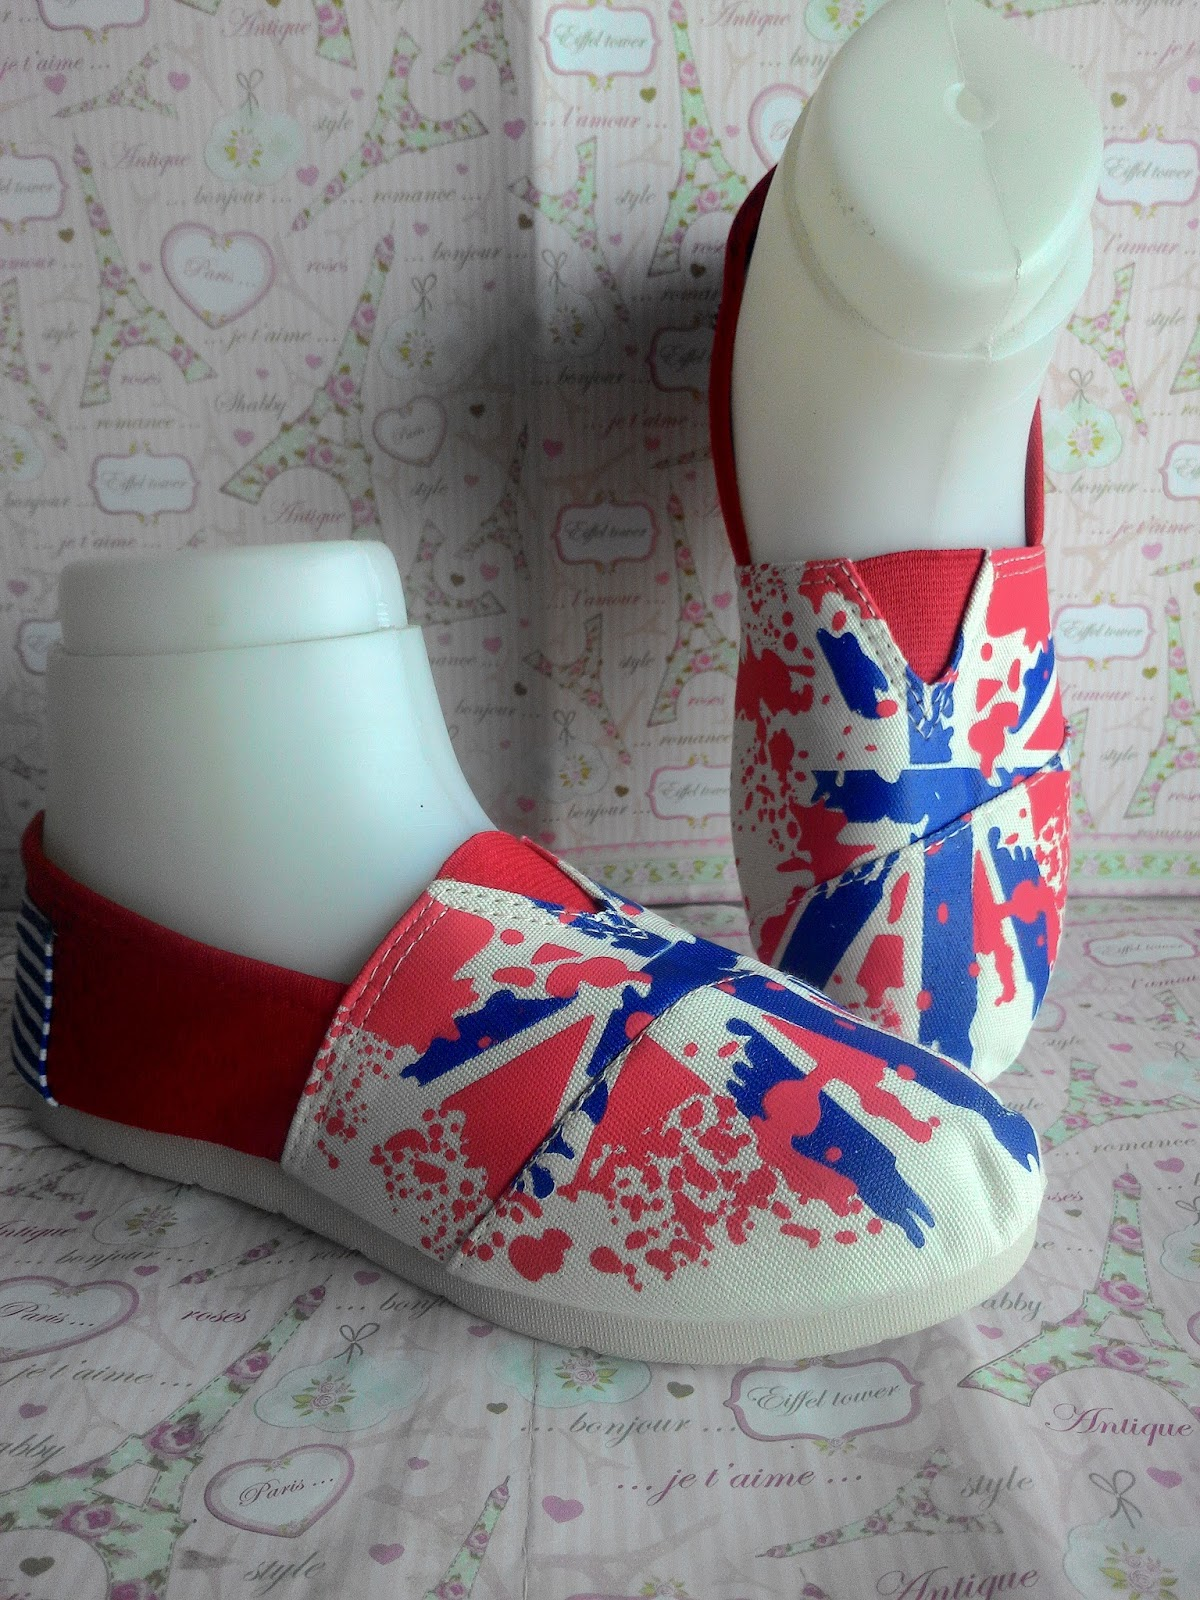 sepatu casual wanita; fashion wanita; casual fashion; fashion blogger; fashion online; sepatu casual murah; sepatu casual online; perna pernik fashion; casual style fashion; slip on shoes; casual slip on shoes